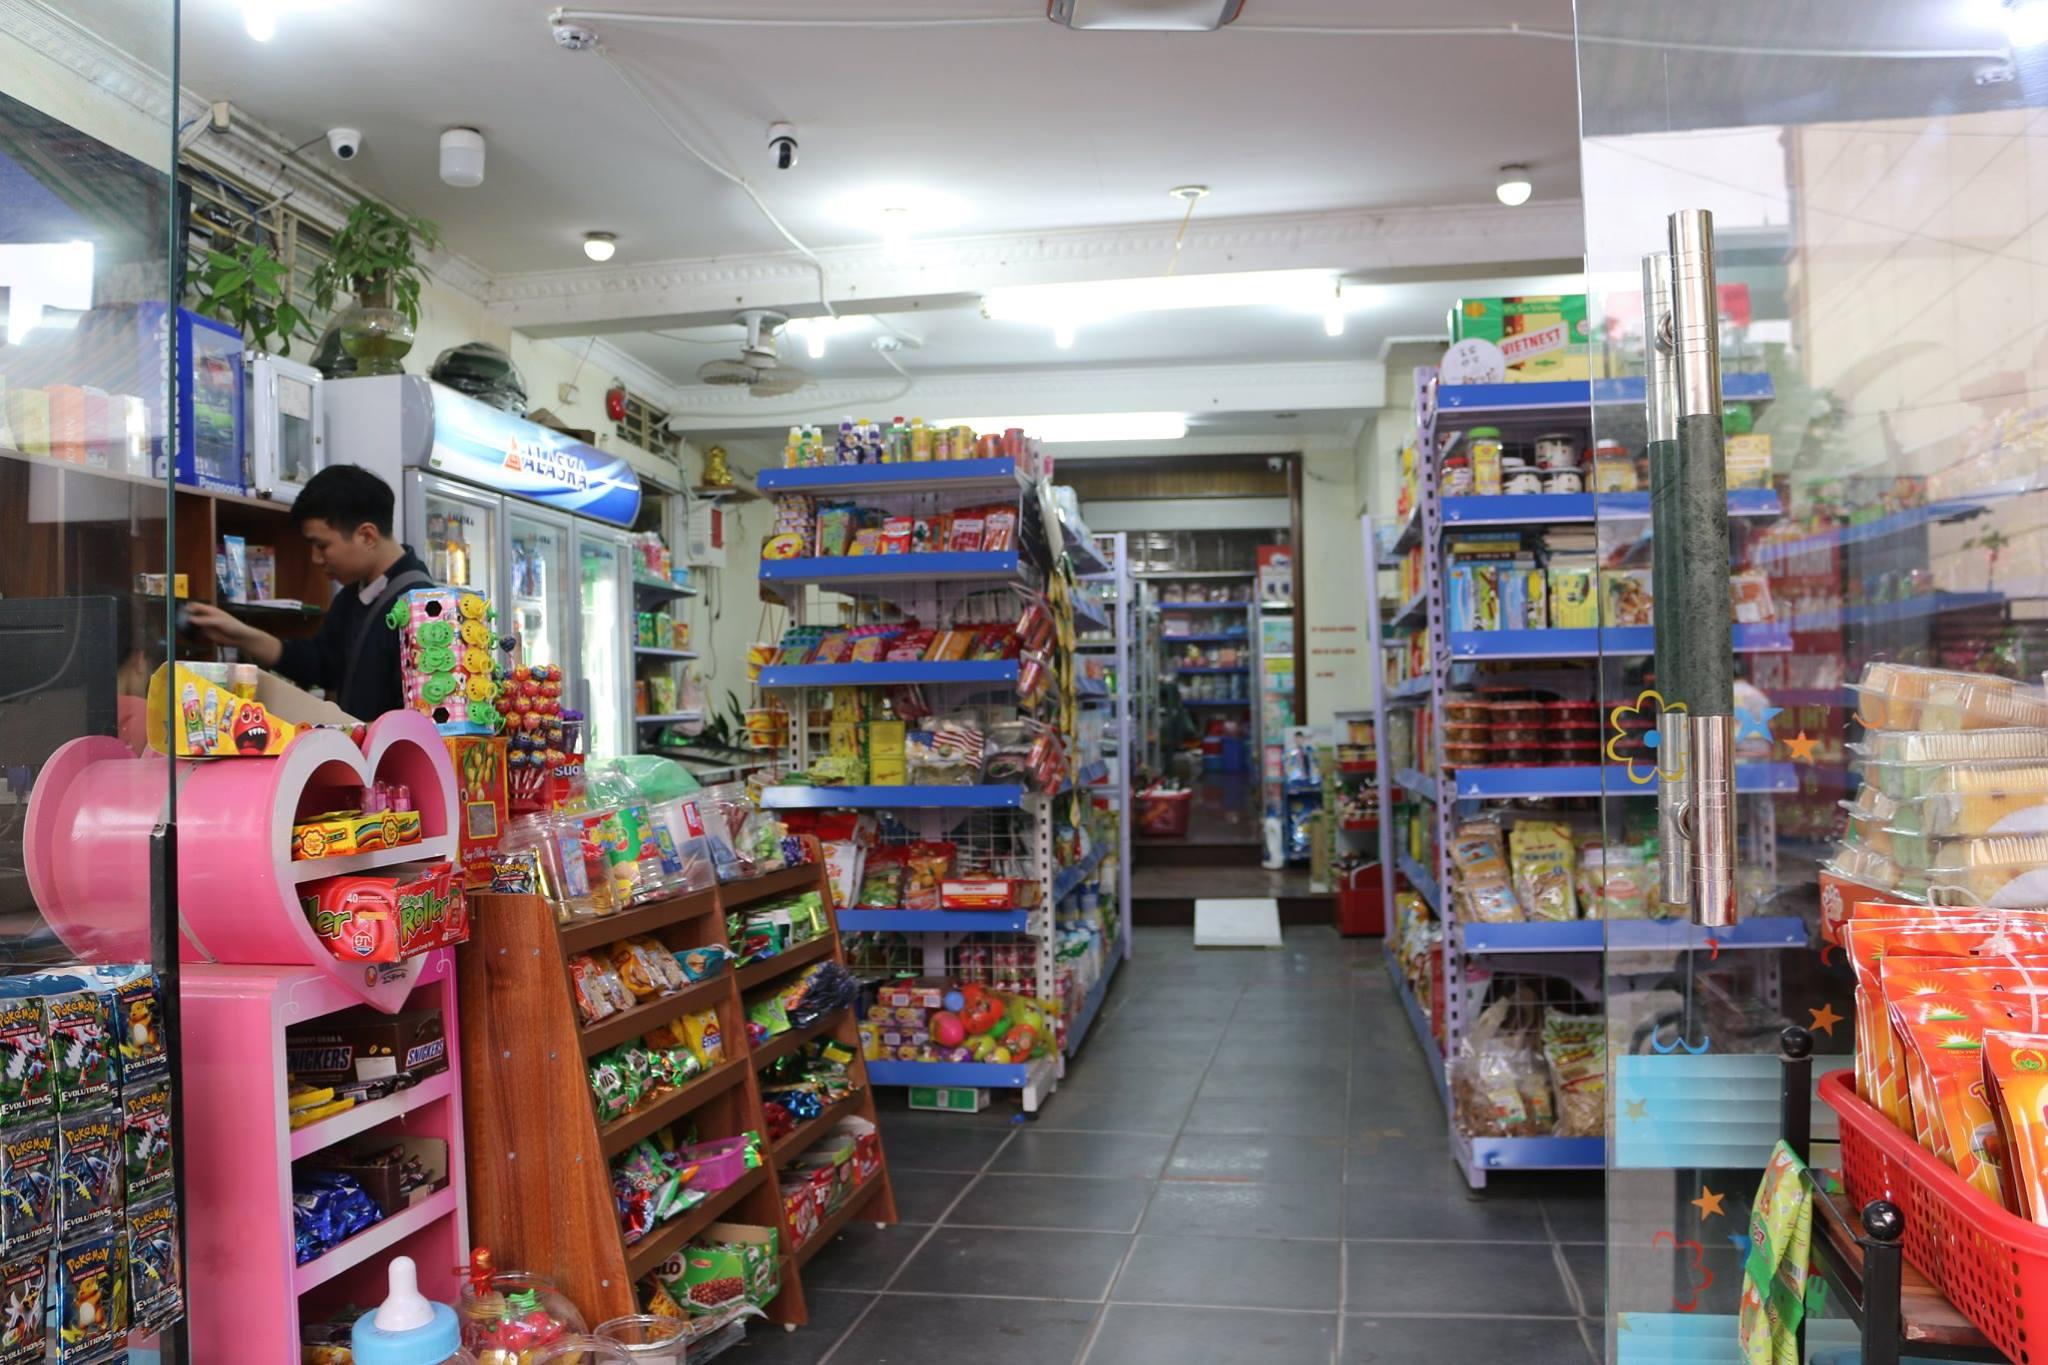 Trưng bày hàng hoá chuẩn siêu thị